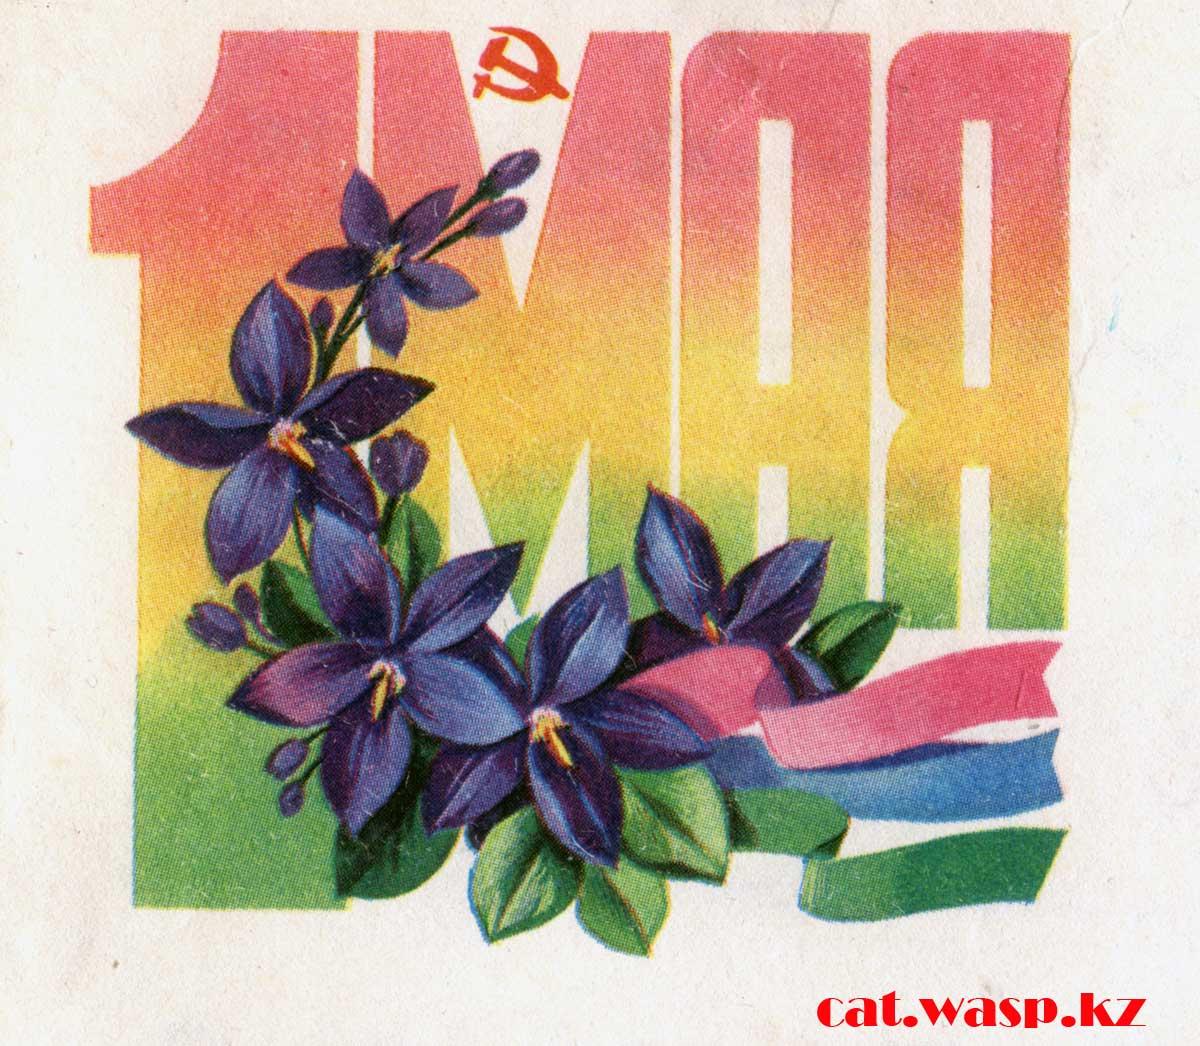 Почтовый конверт СССР, картинка 1 мая - 1982 год